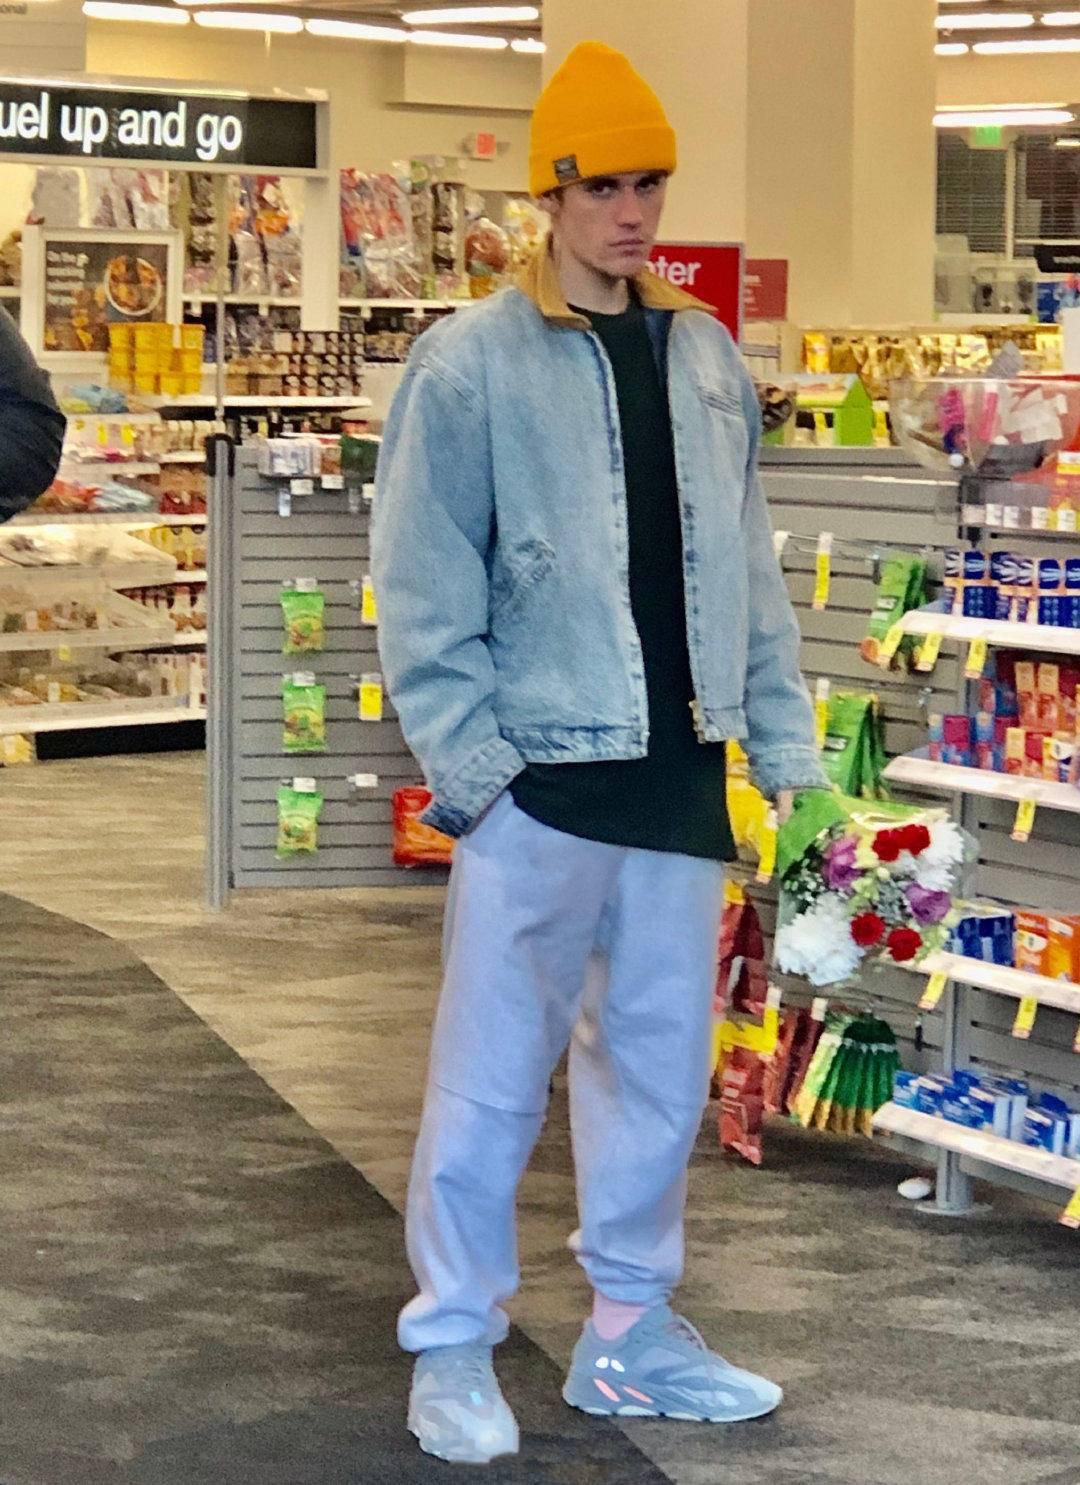 贾斯汀比伯现身陌头,穿连帽卫衣搭卡通短裤,戴毛线帽少年感十足